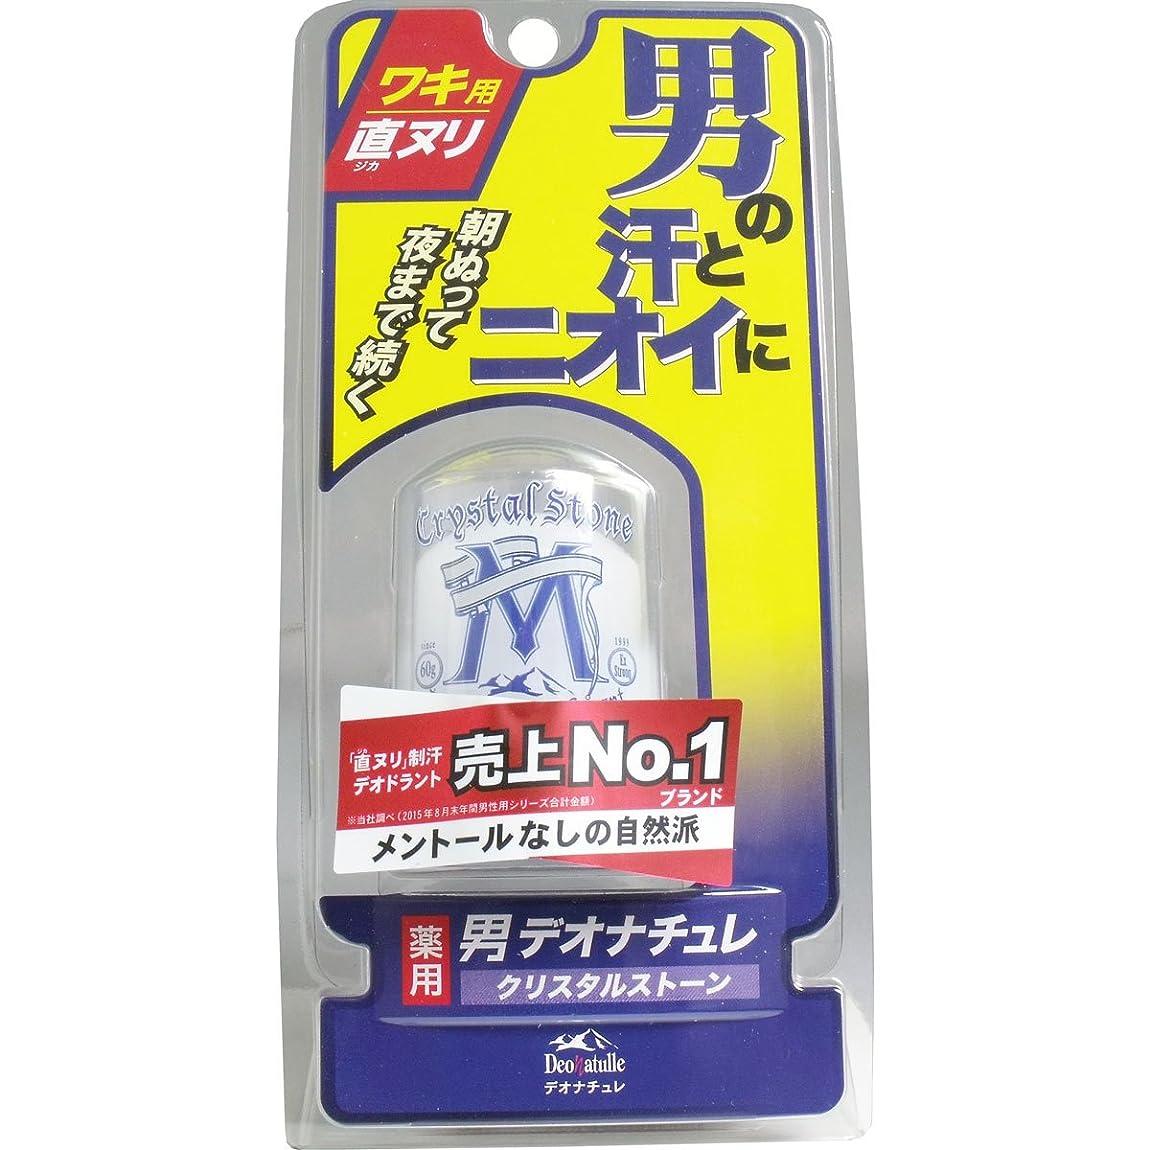 ながら祭司天使デオナチュレ 男クリスタルストーン 60Gx3個セット (4971825011778)